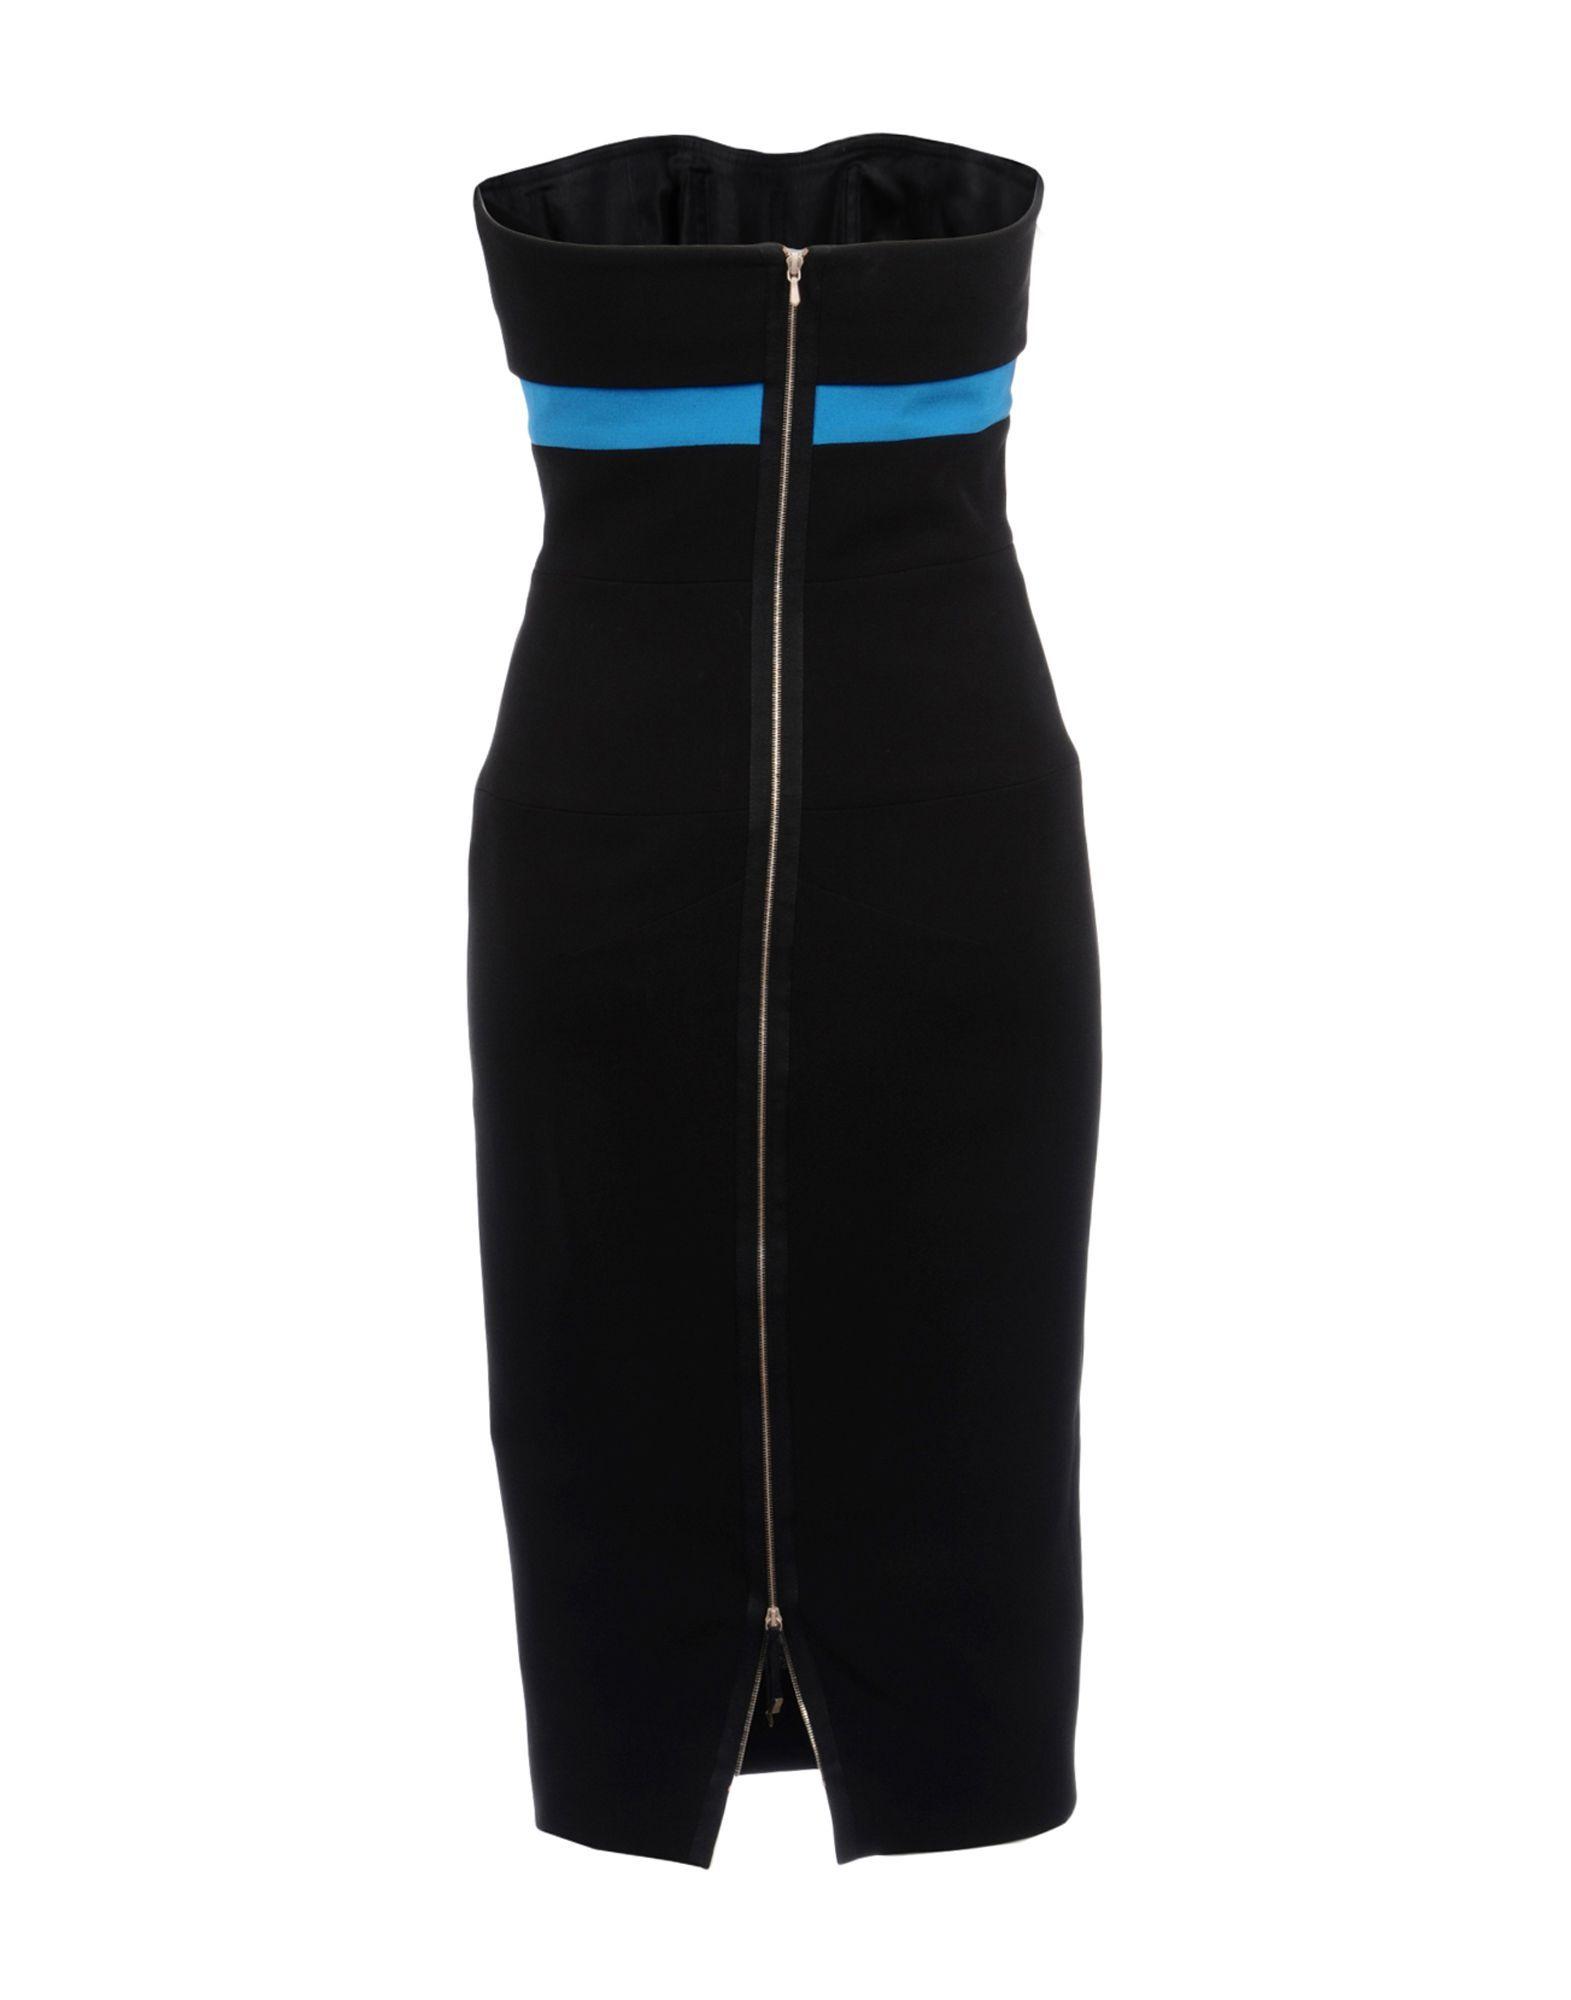 Victoria Beckham Black Silk Strapless Dress